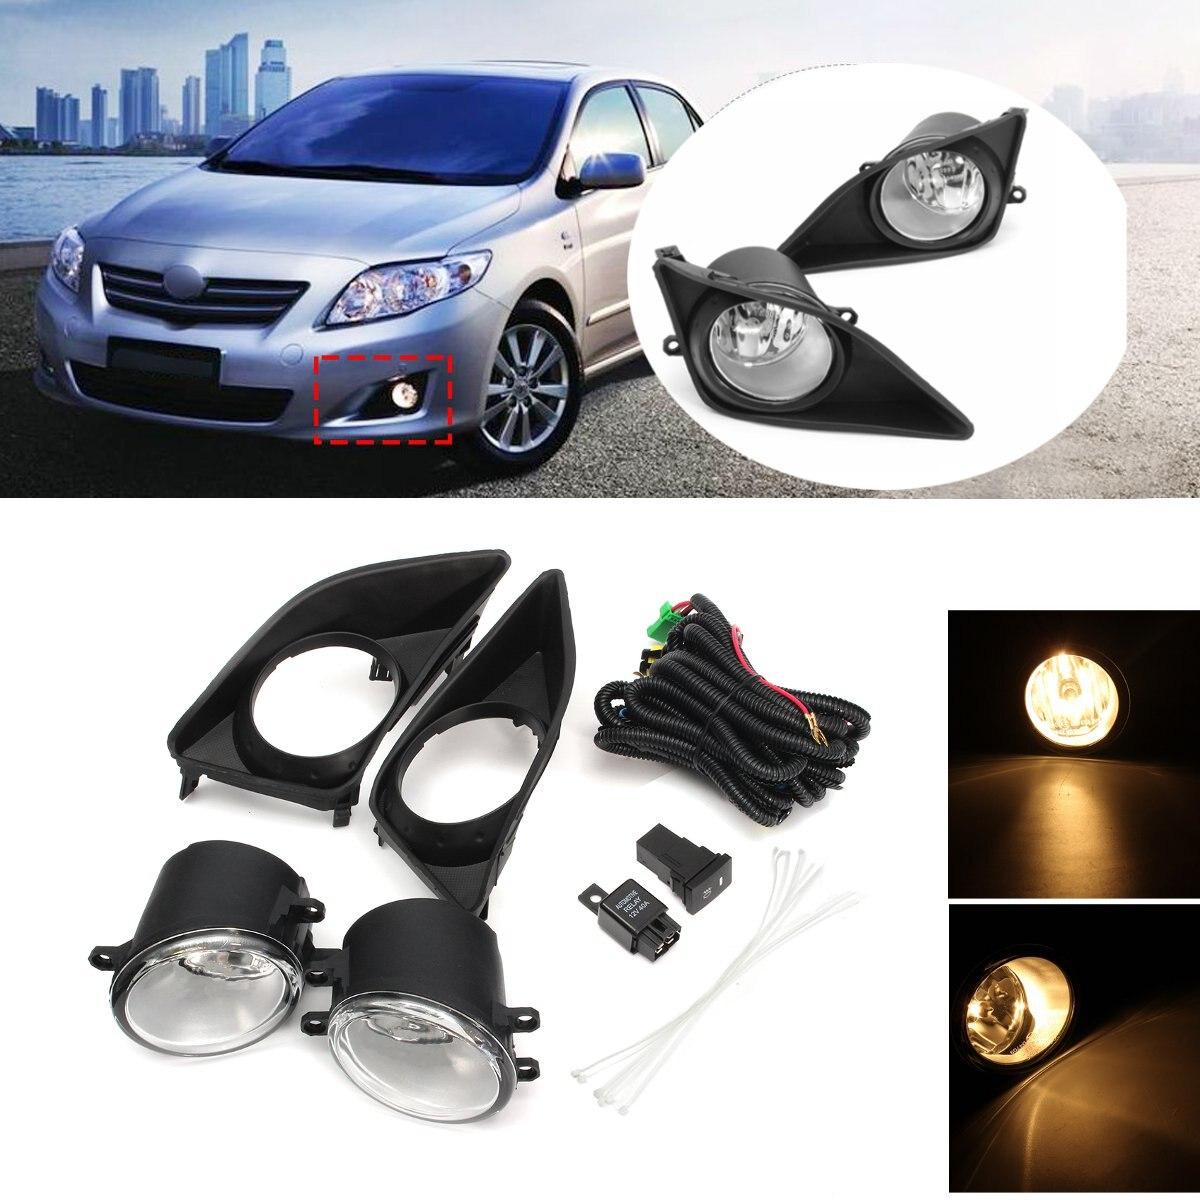 2 uds. Luces antiniebla izquierda derecha parachoques delantero lámpara + cubiertas de rejilla negra interruptor H11 bombillas para Toyota Corolla 2008 2009 2010